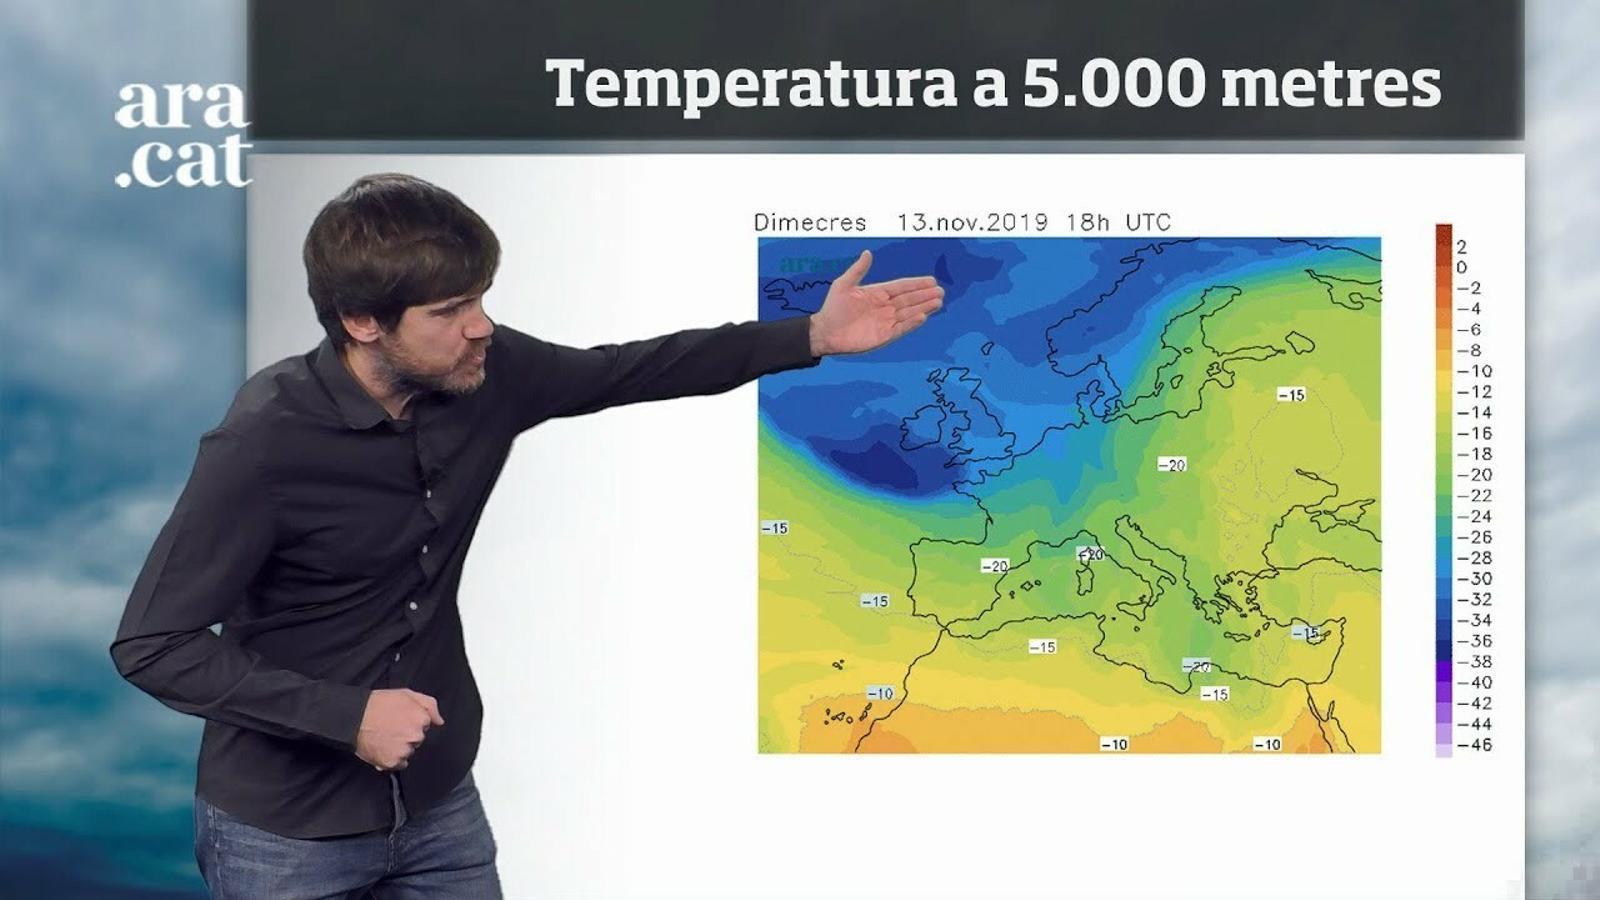 Méteo especial: xàfecs i temps canviant a l'espera d'un fred encara més intens